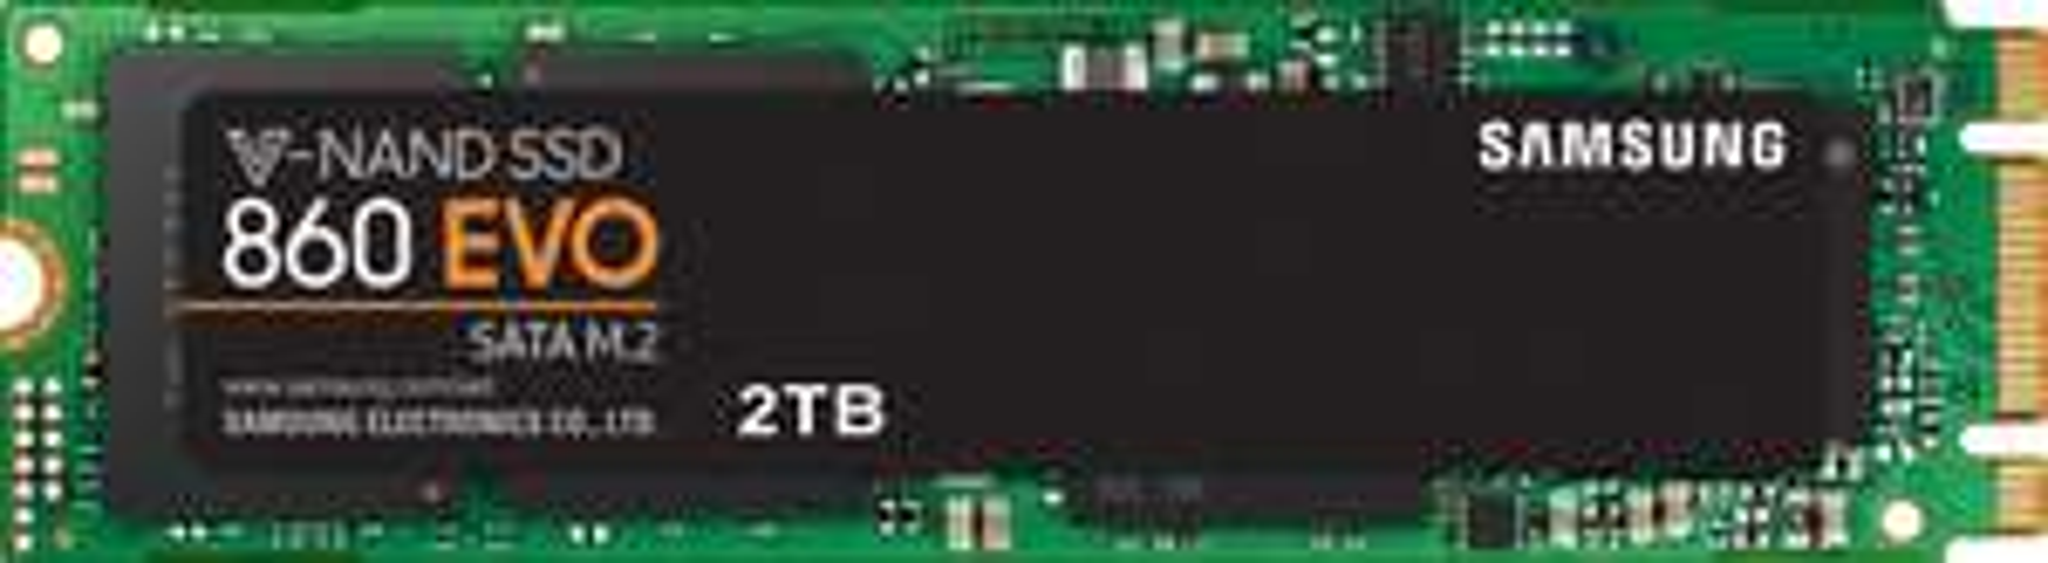 Samsung 860 EVO 2TB SSD M.2 V-NAND @Alternate